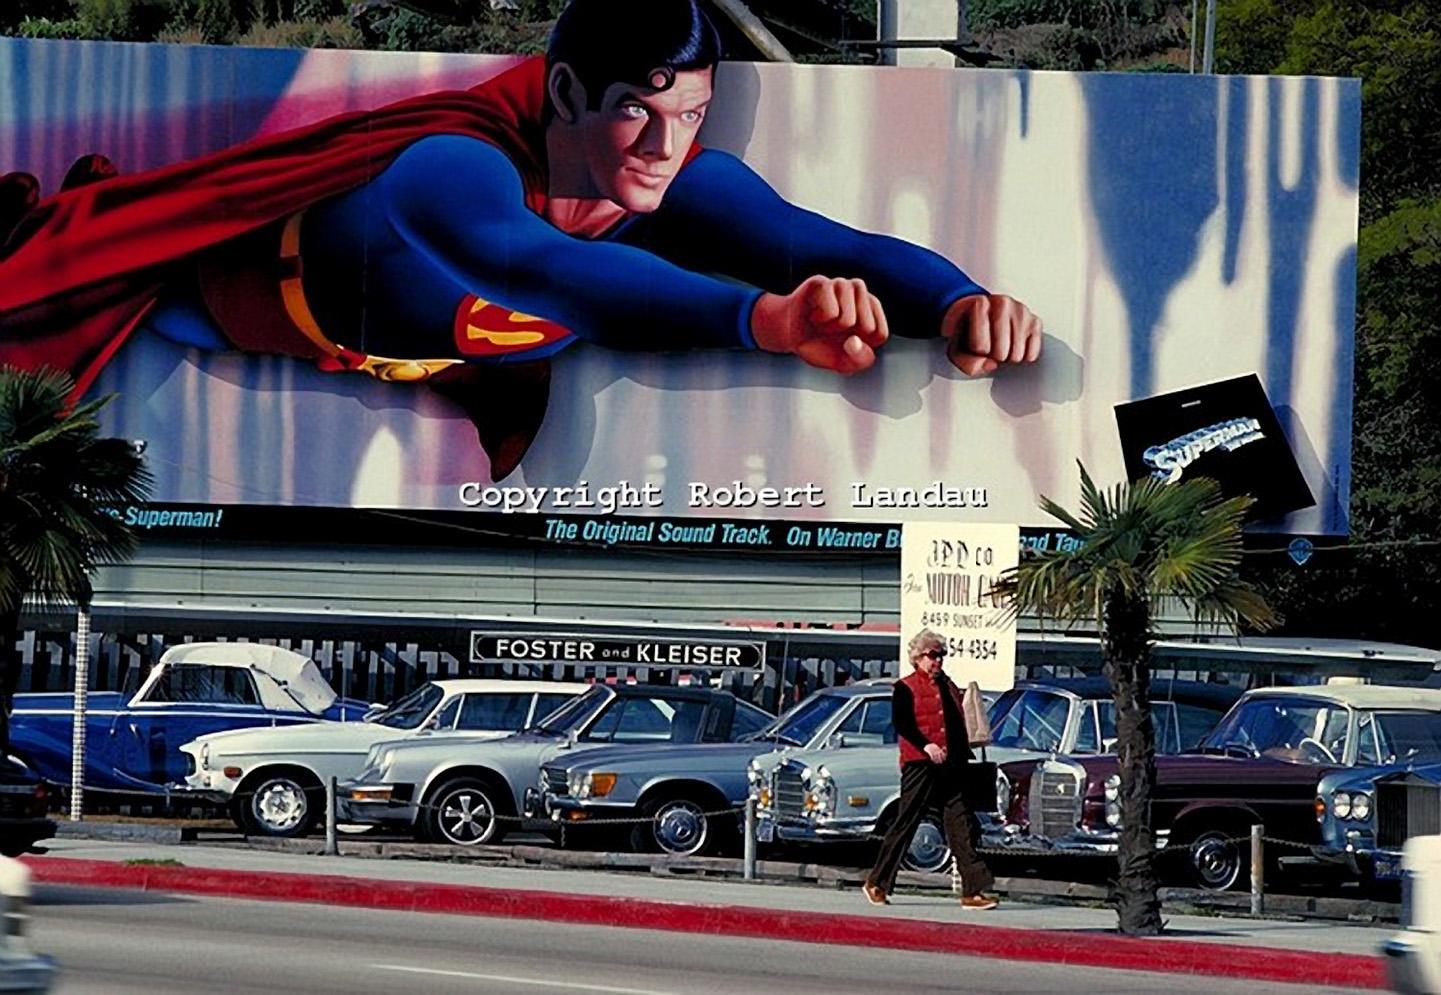 CW-Landau-Superman-billboard